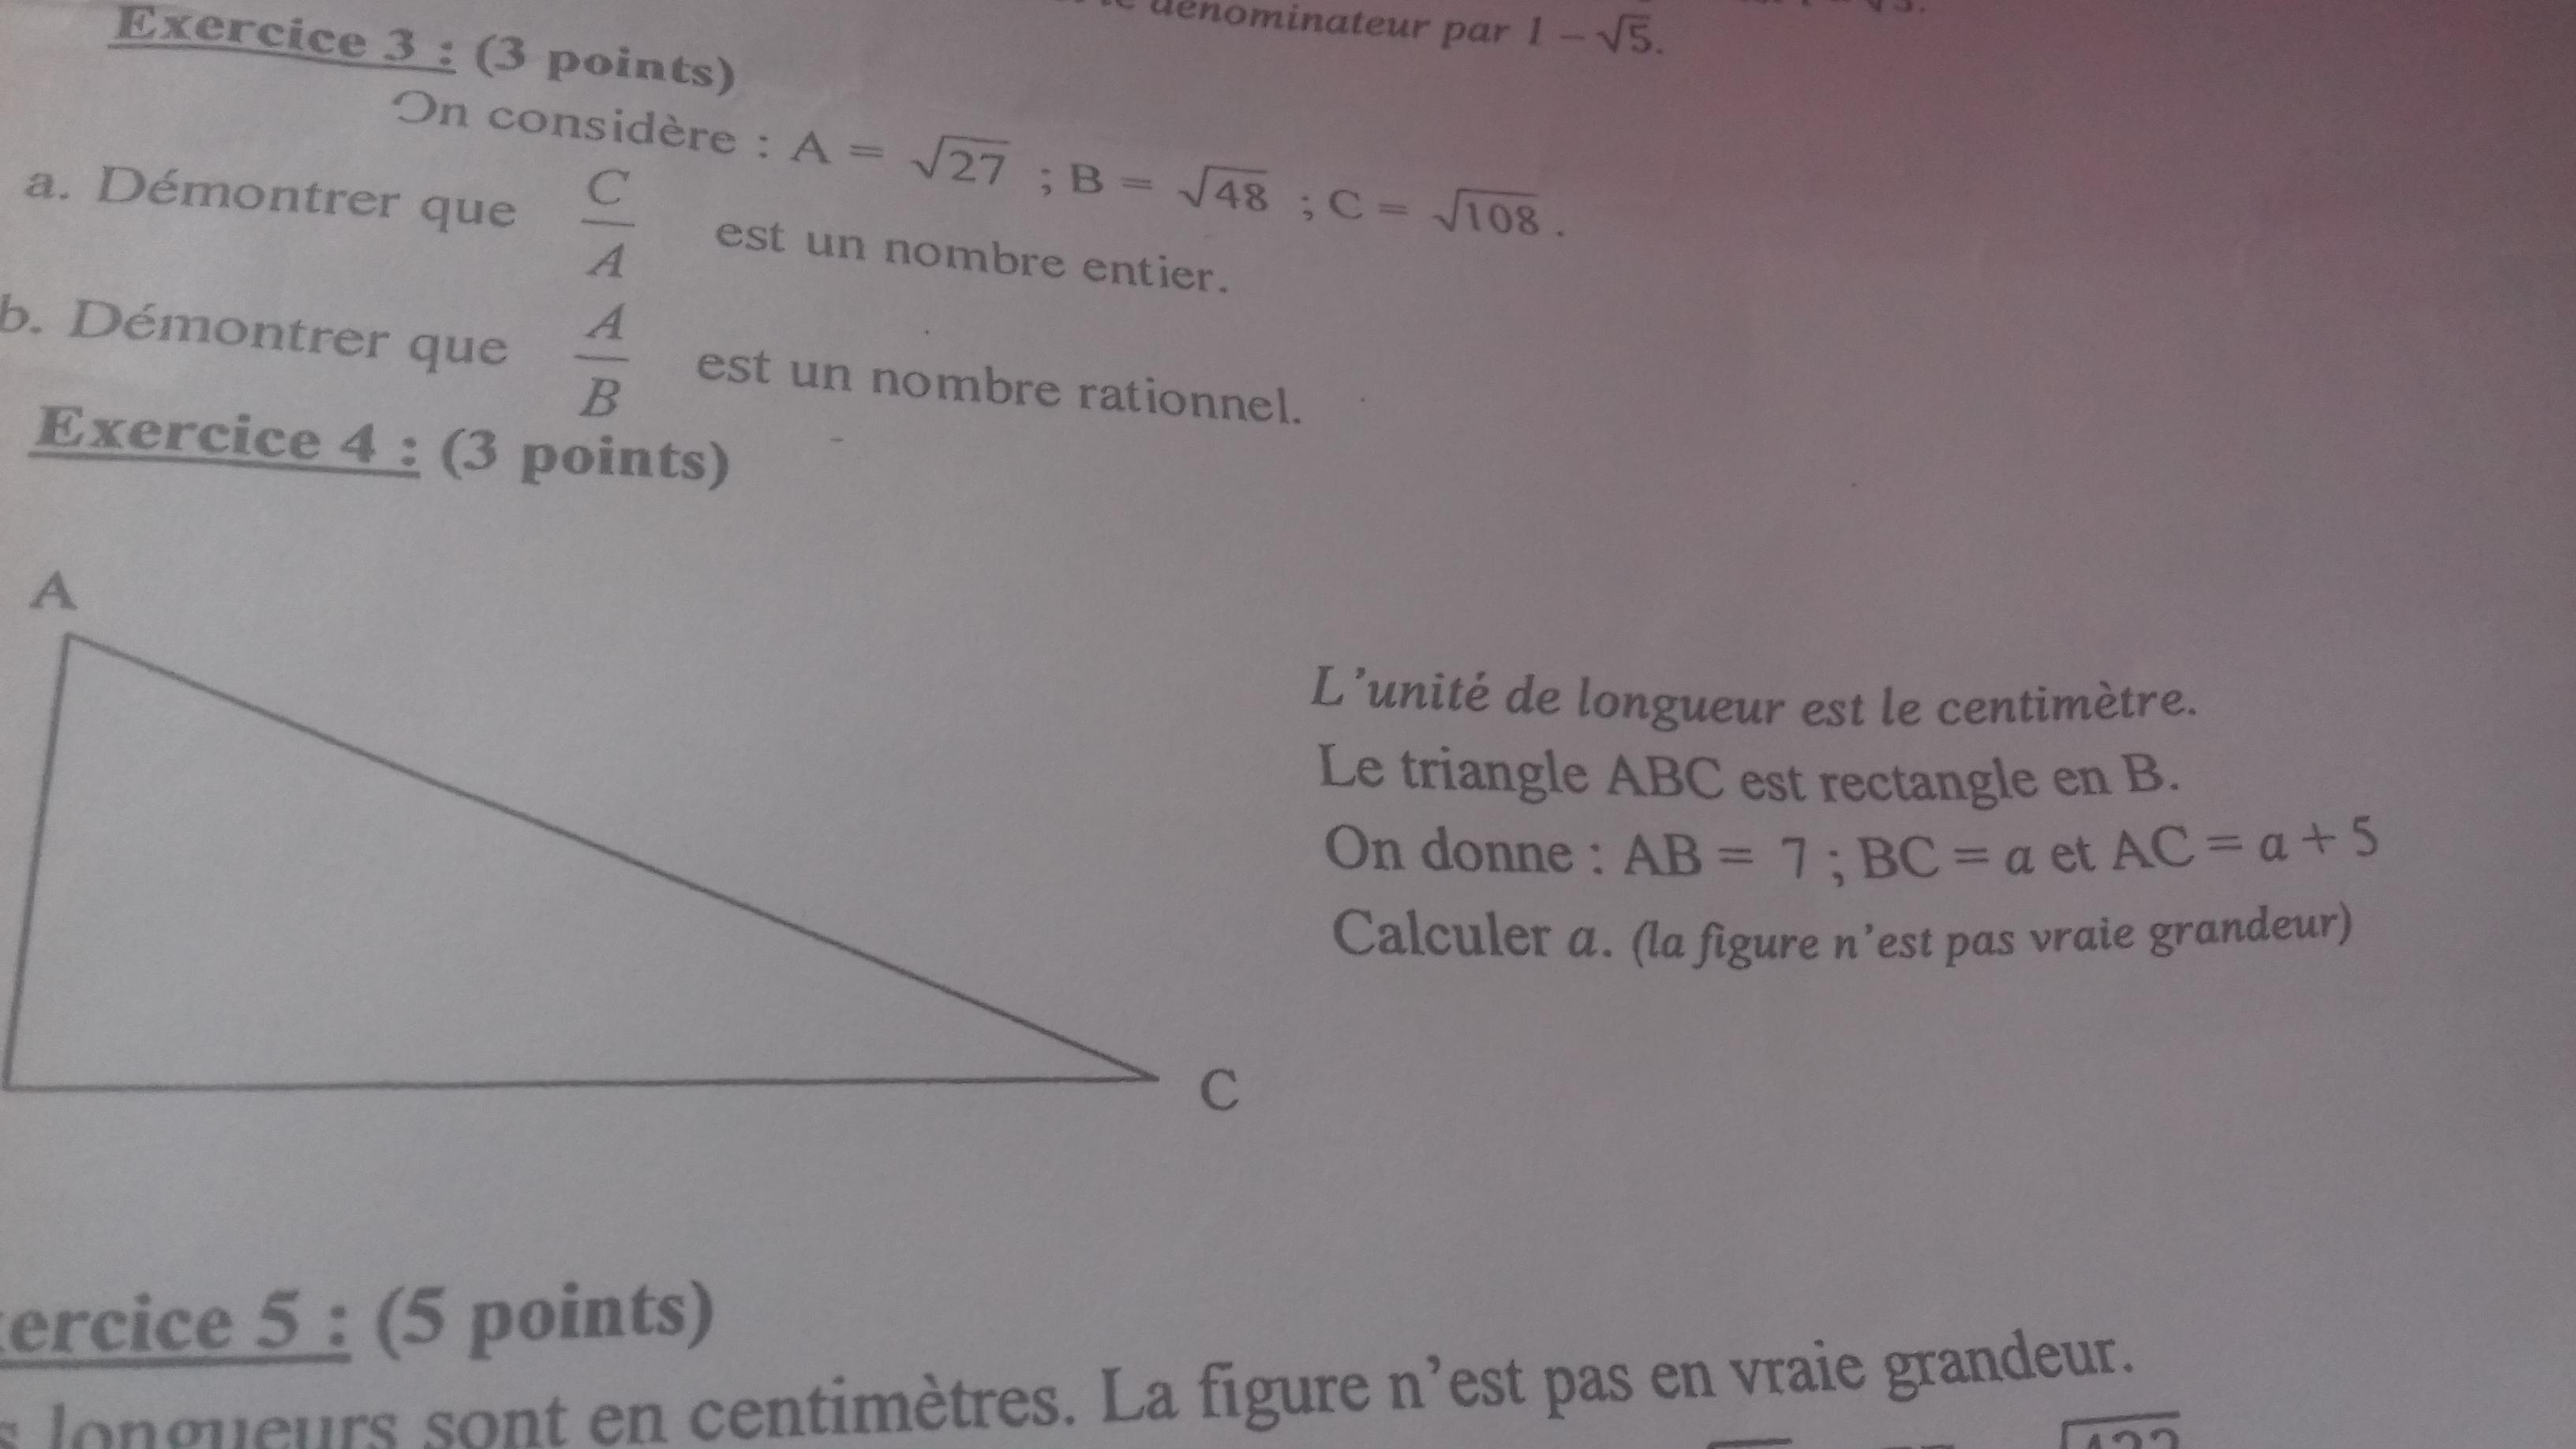 Exercice numéro 2 de mon Dm à rendre demain 3ème Mathématiques